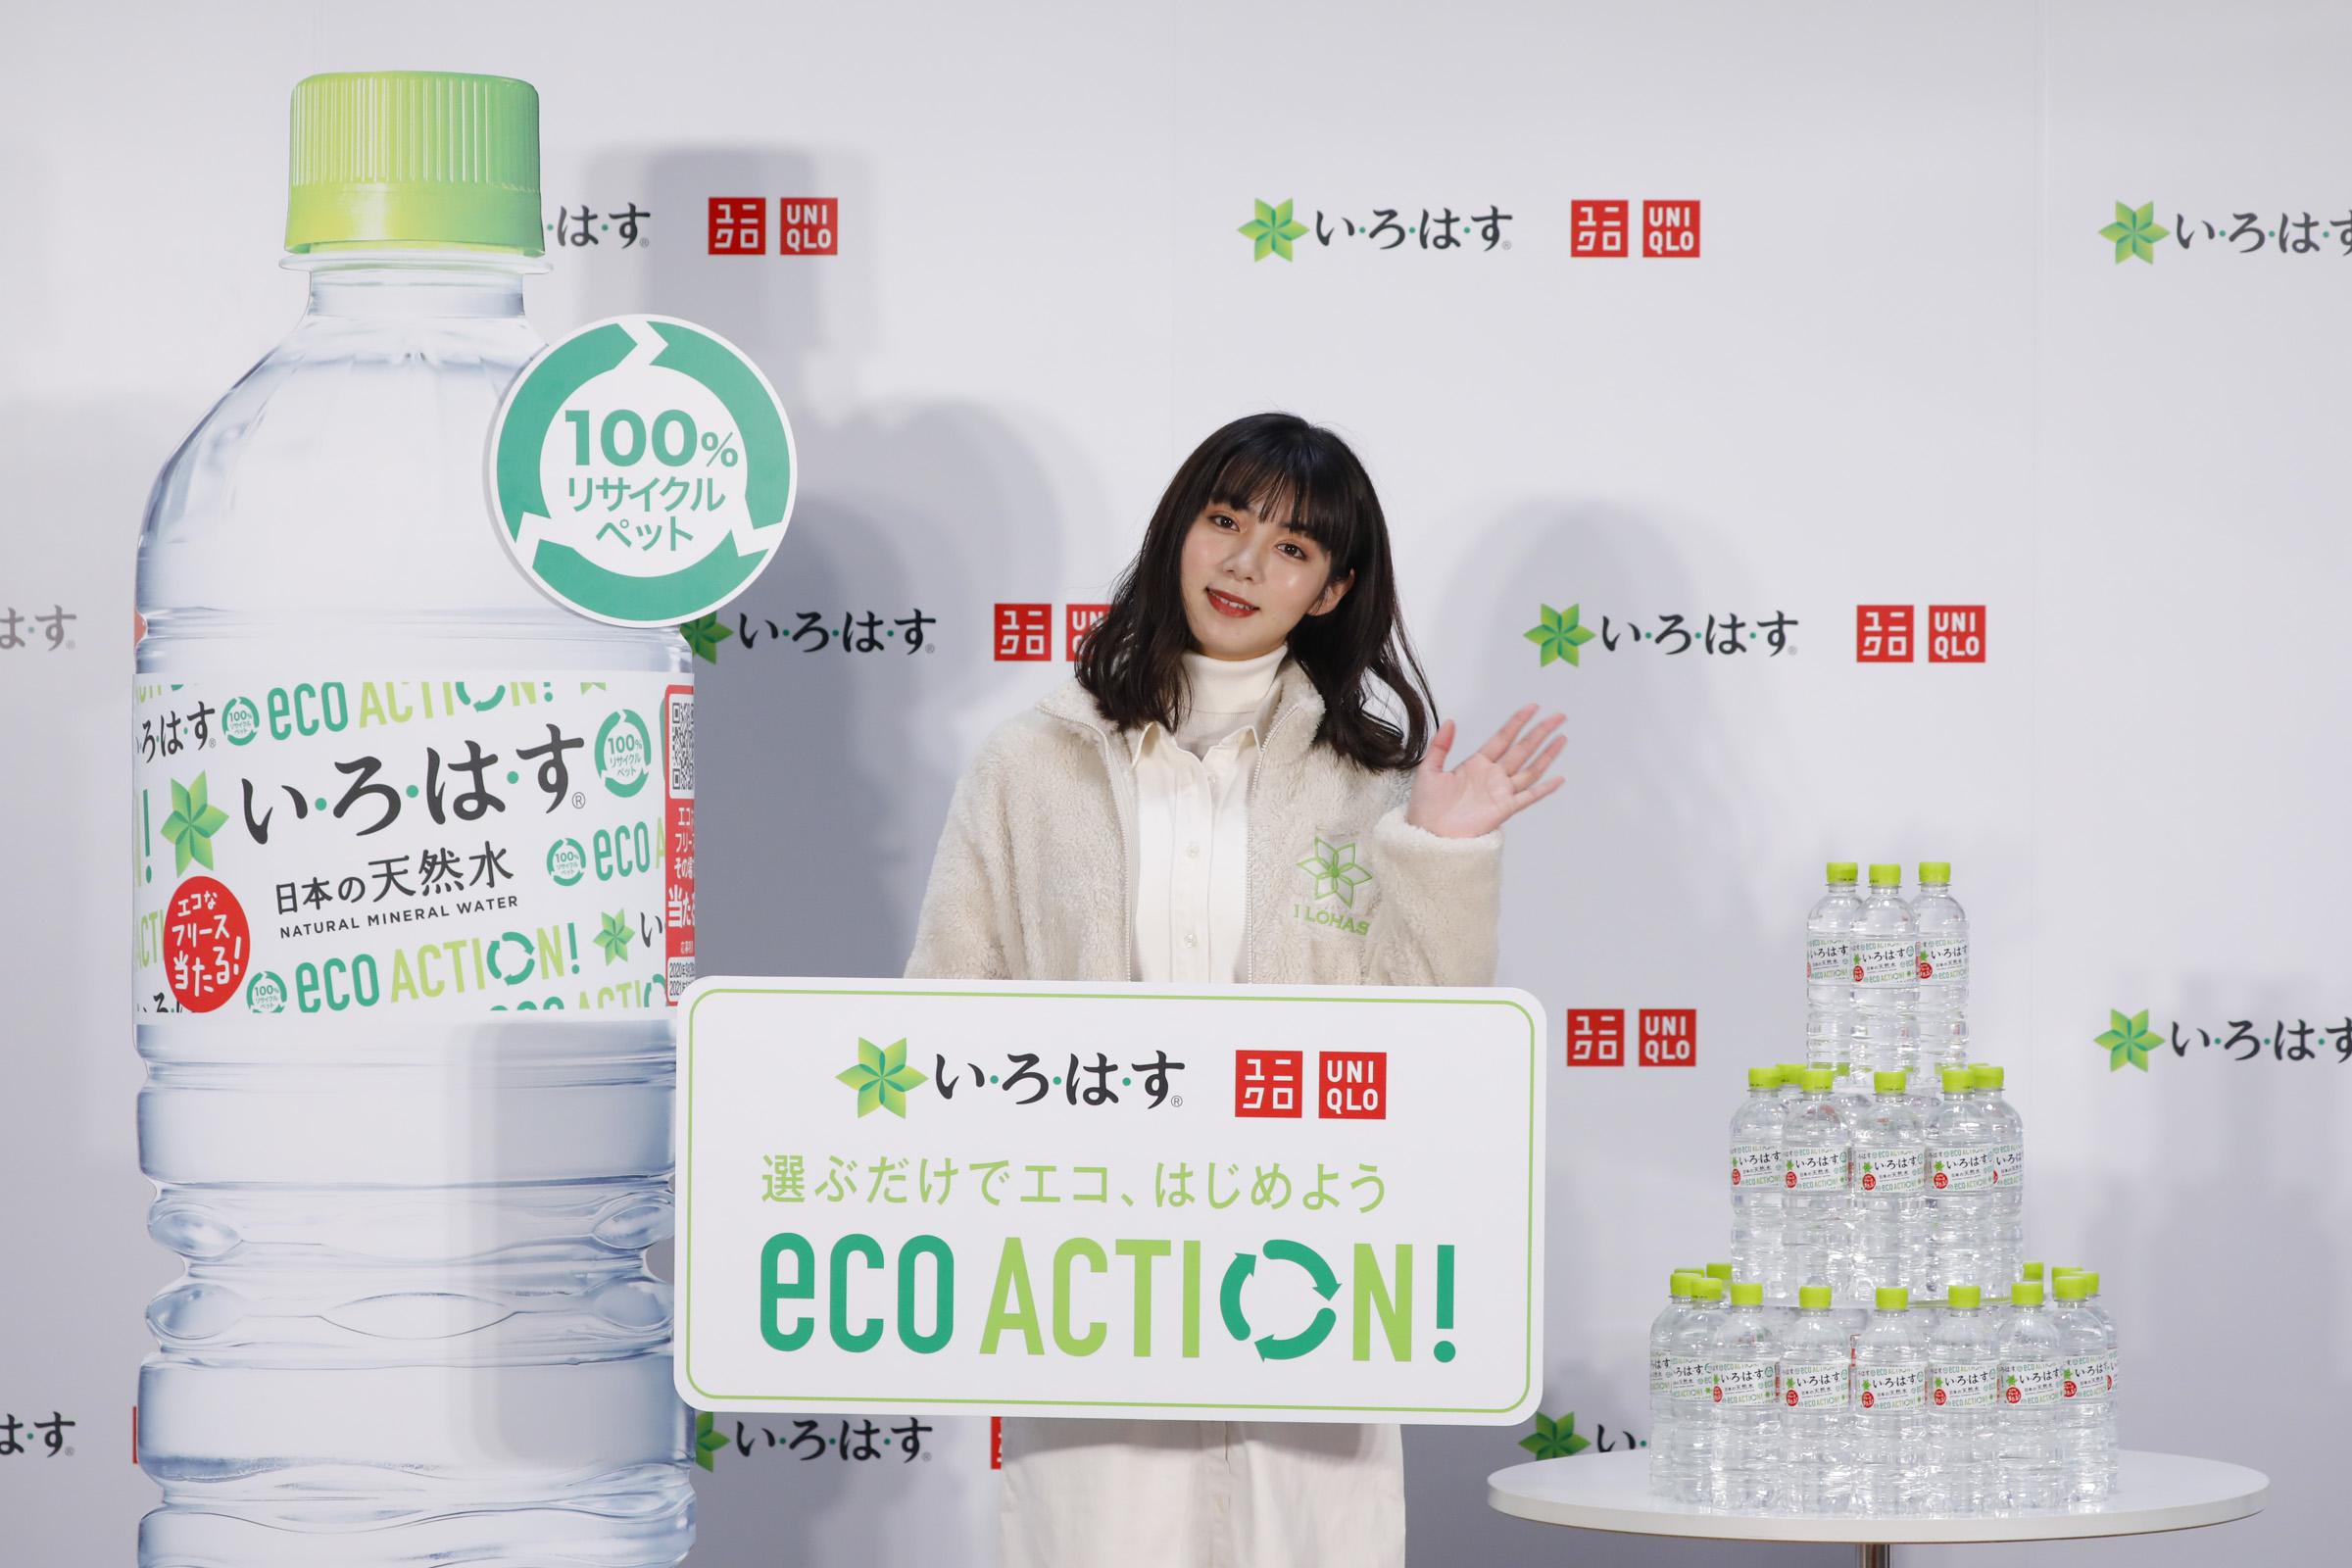 池田エライザ/「い・ろ・は・す×UNIQLO eco ACTION」キャンペーン記念イベントにて(2020年10月1日)